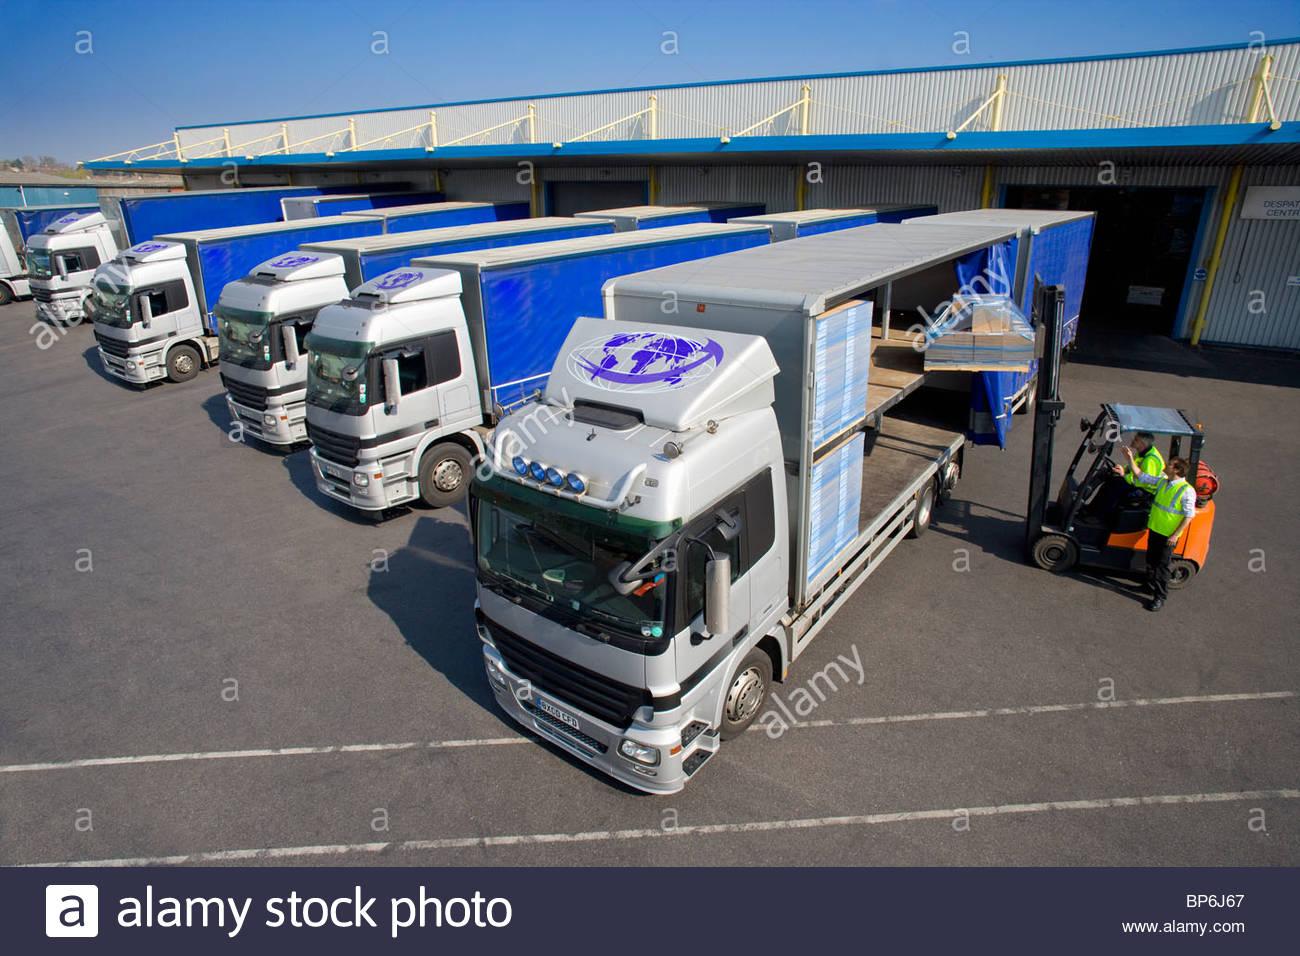 Logistics services trucks